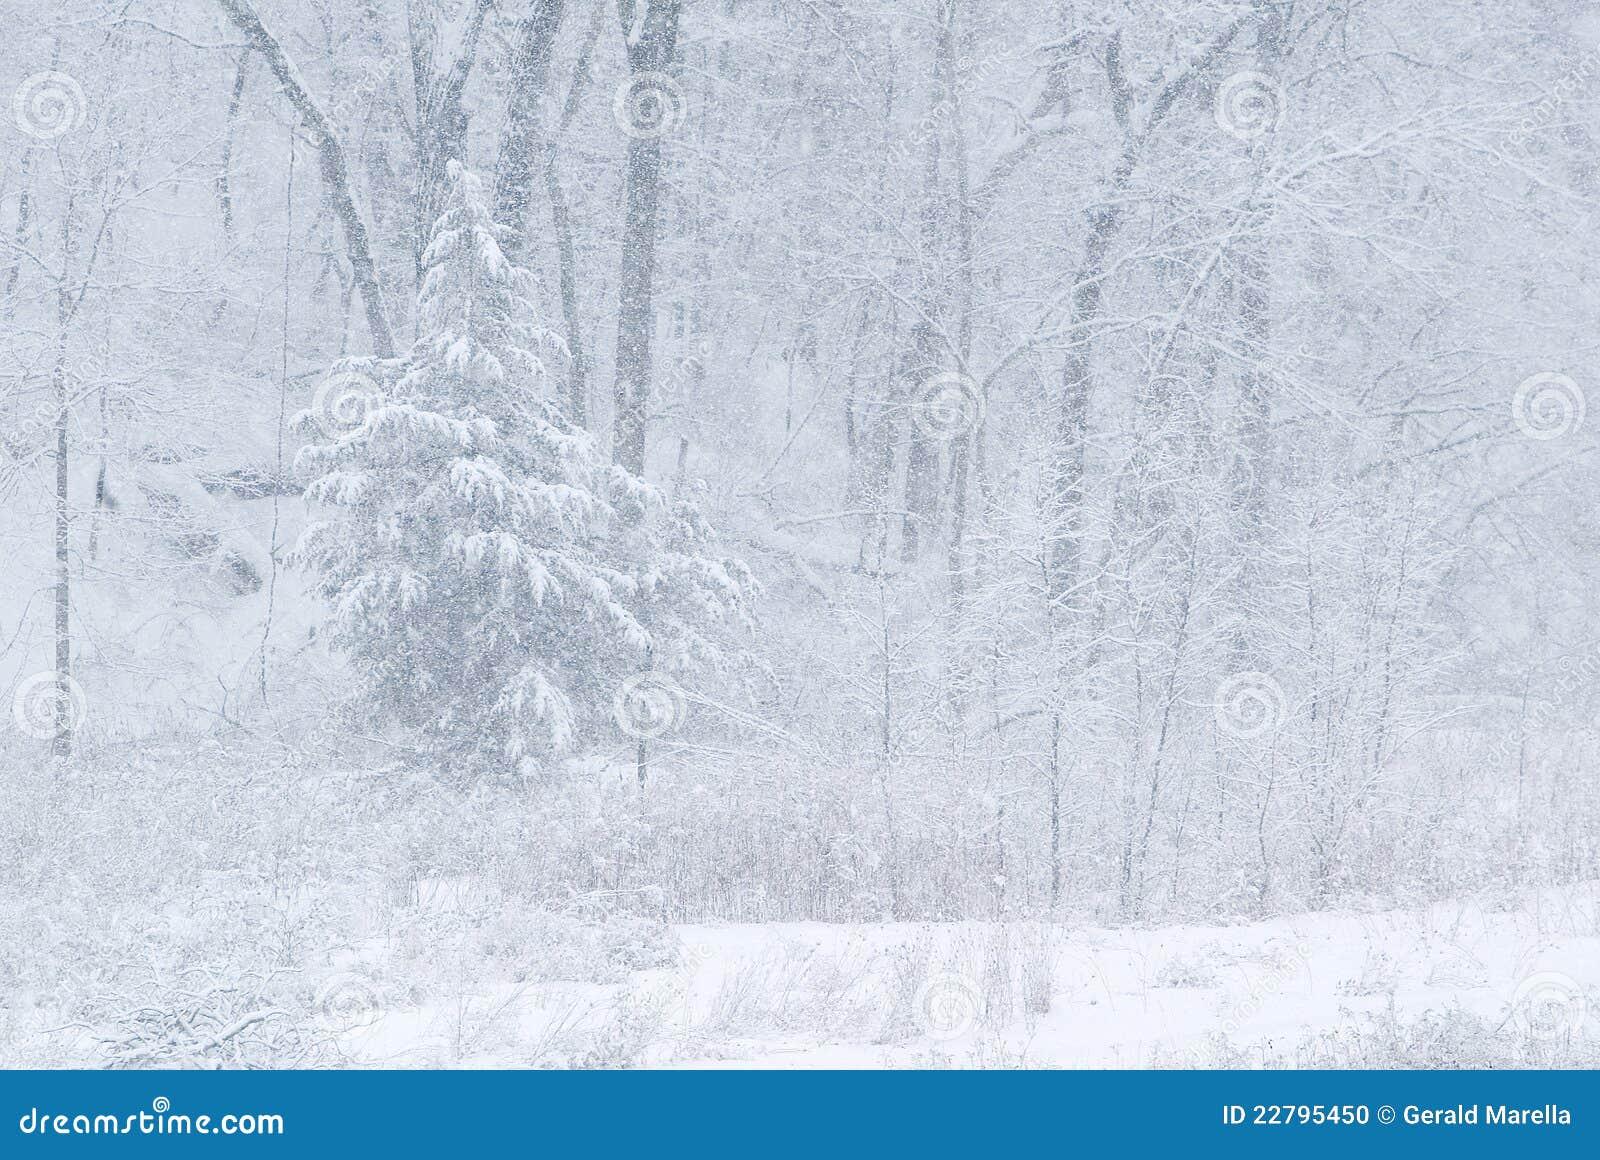 Het onweer en het bos van de sneeuw